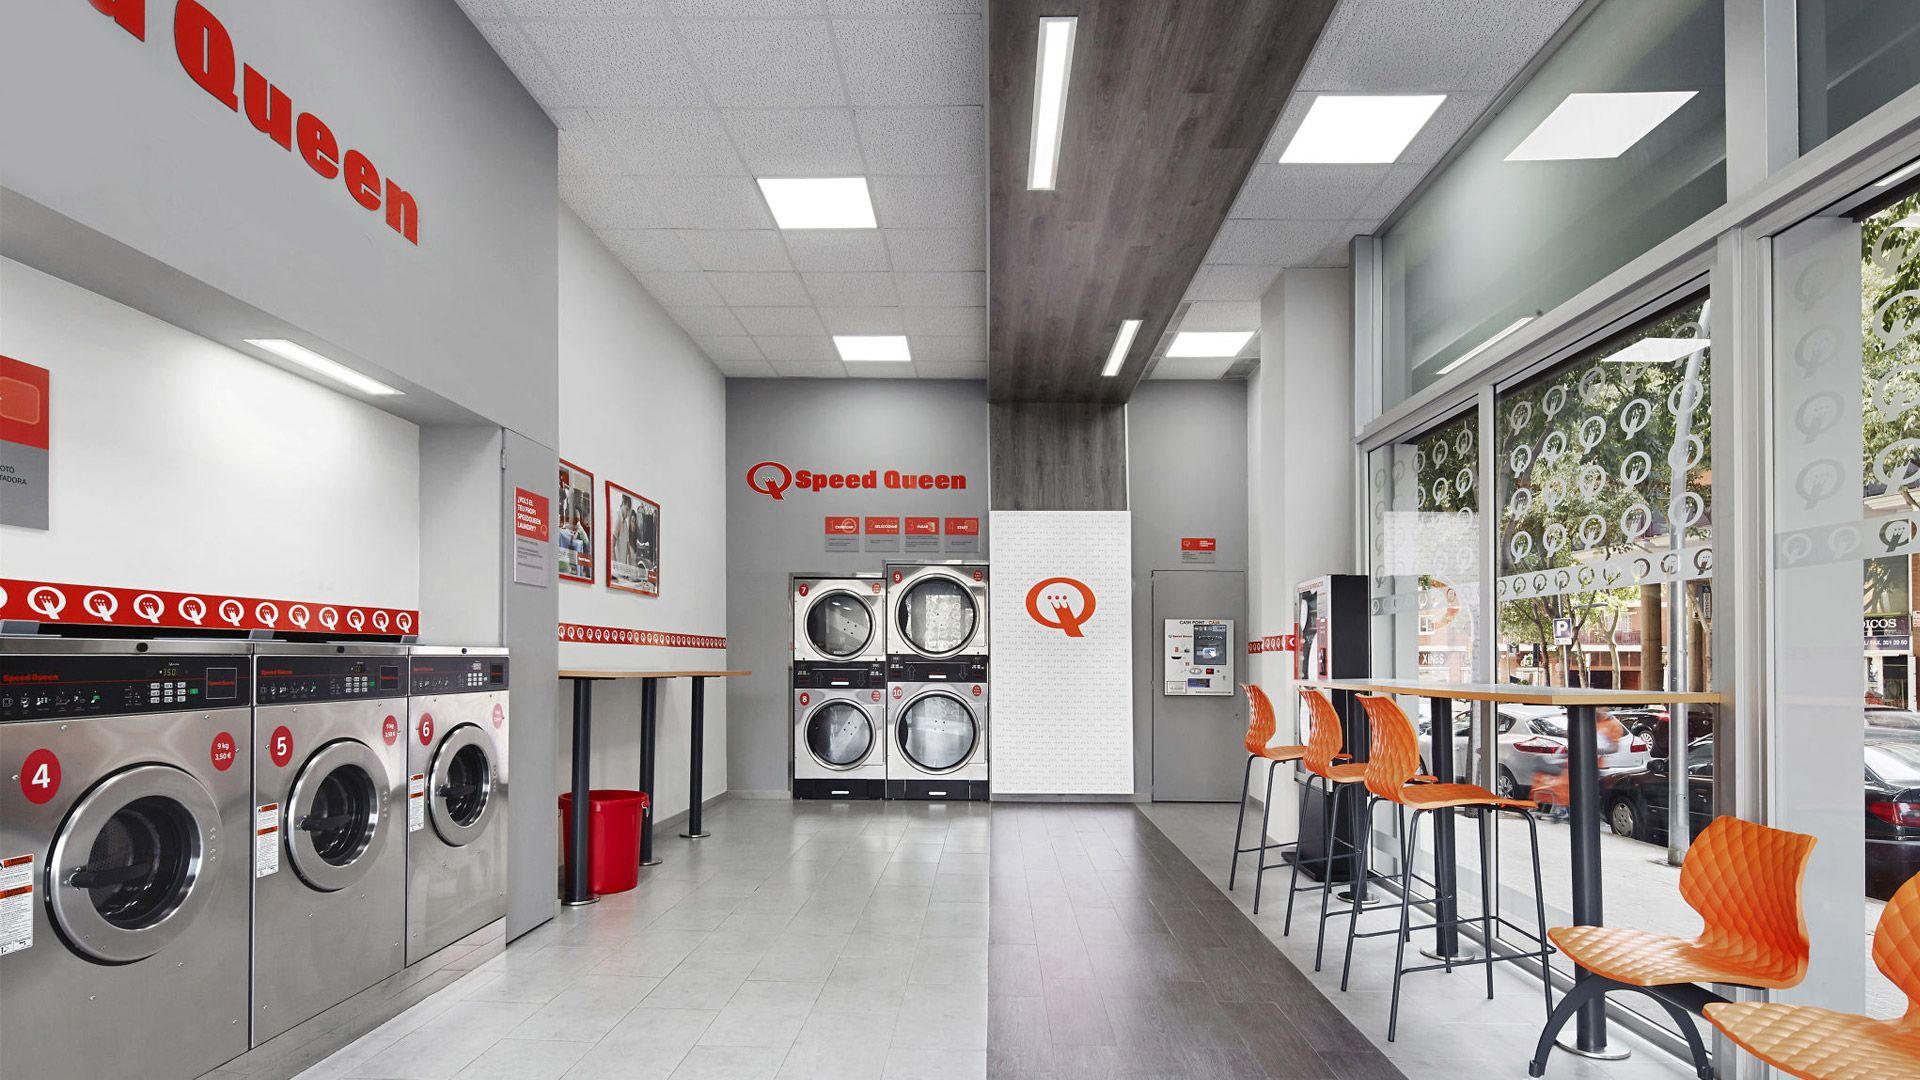 Trouver une laverie automatique autour de moi